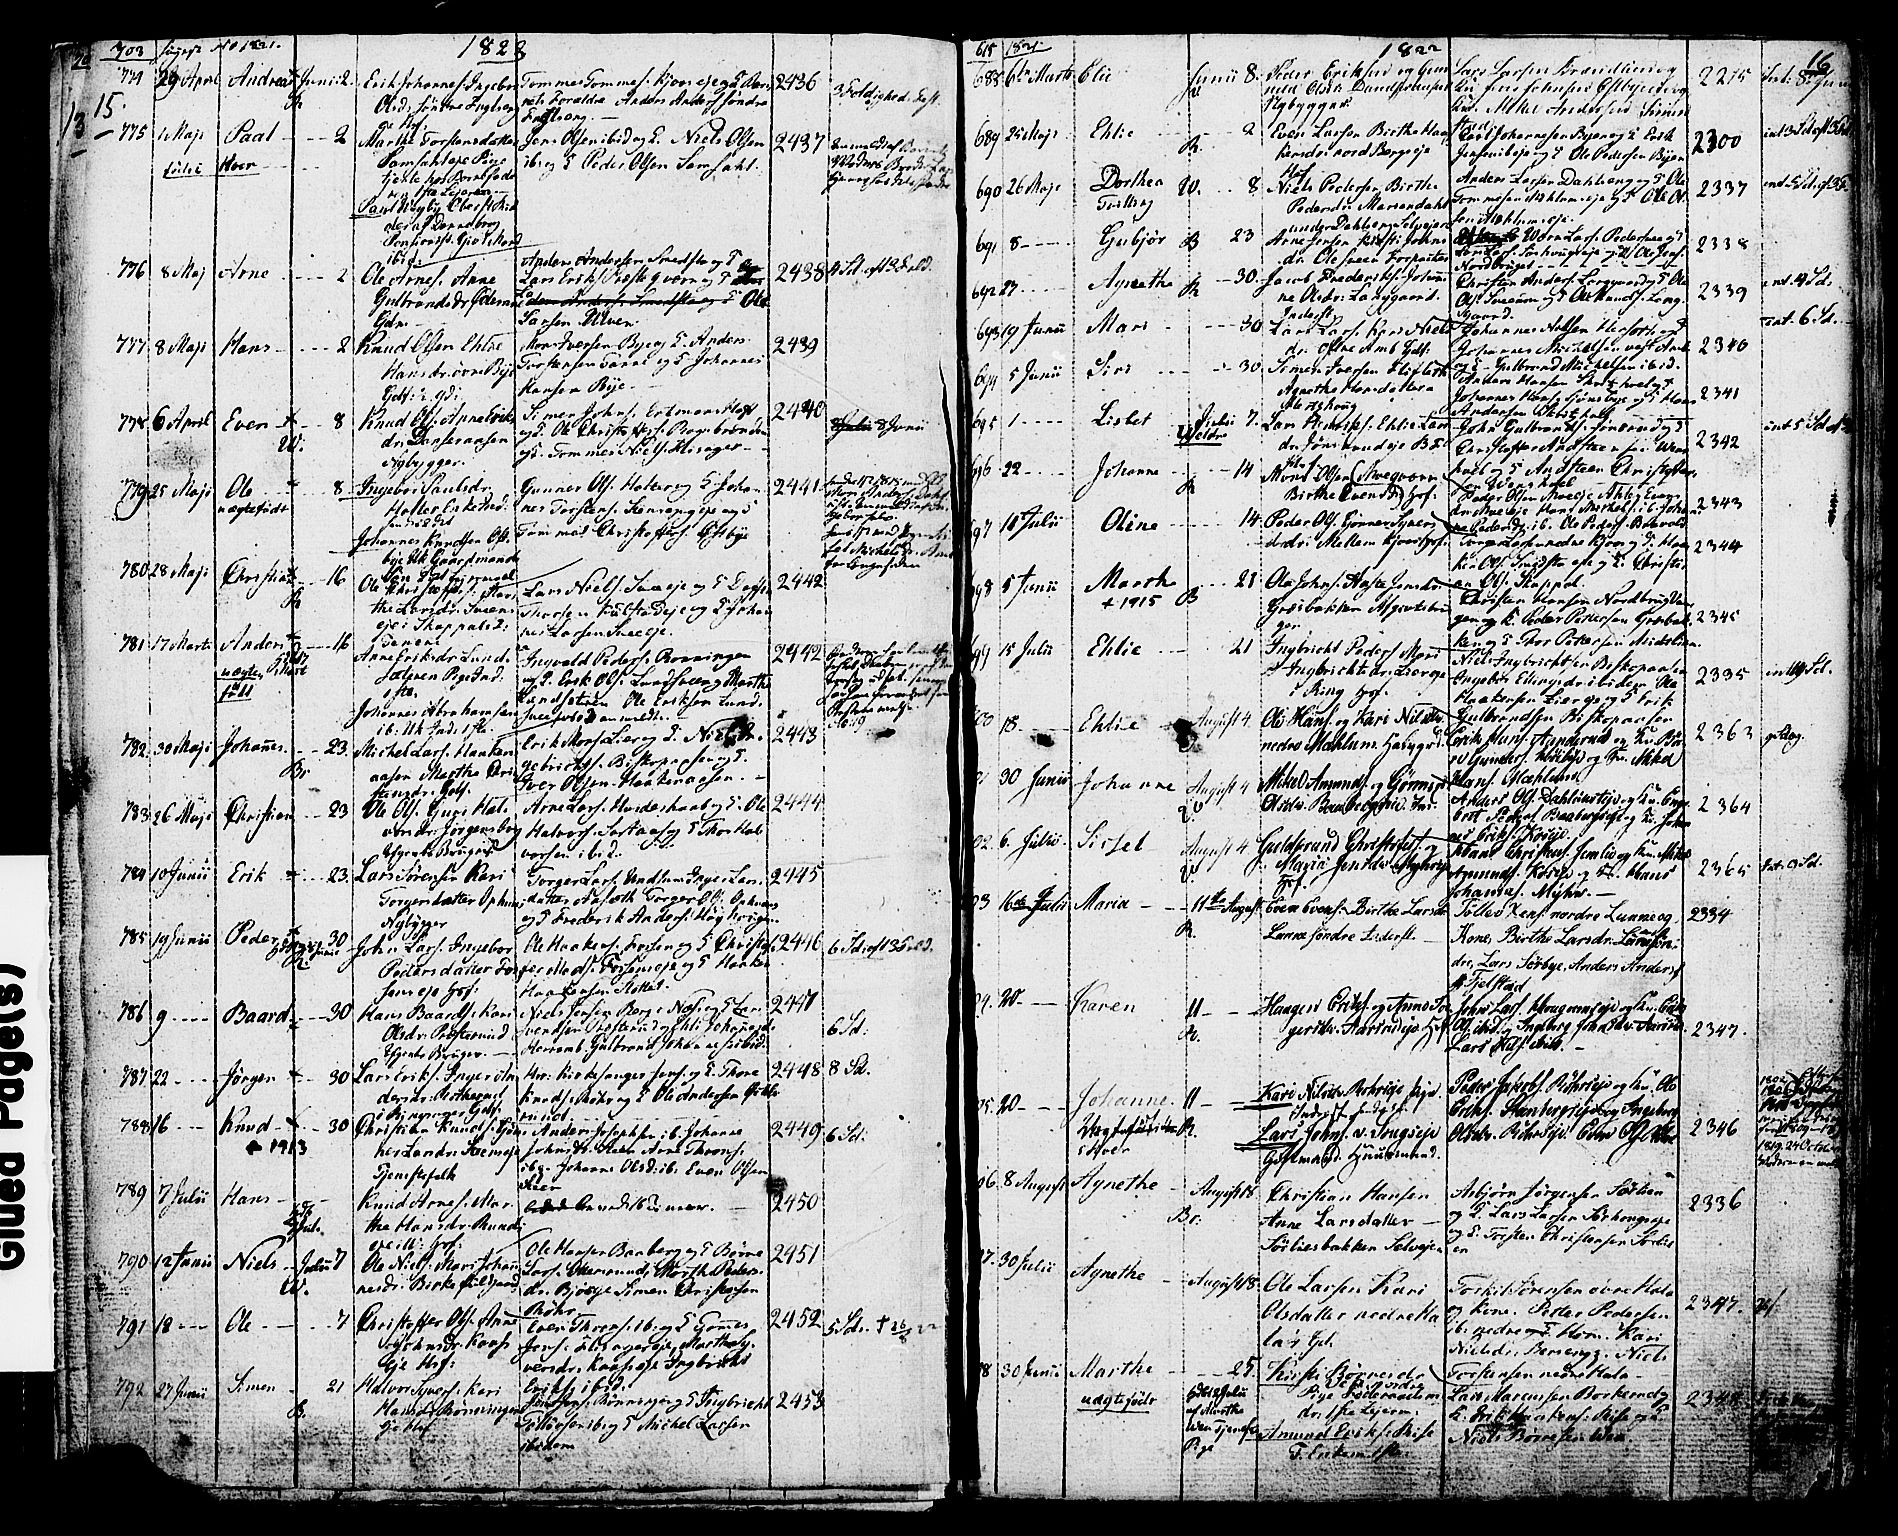 SAH, Ringsaker prestekontor, K/Ka/L0006: Ministerialbok nr. 6, 1821-1826, s. 15-16